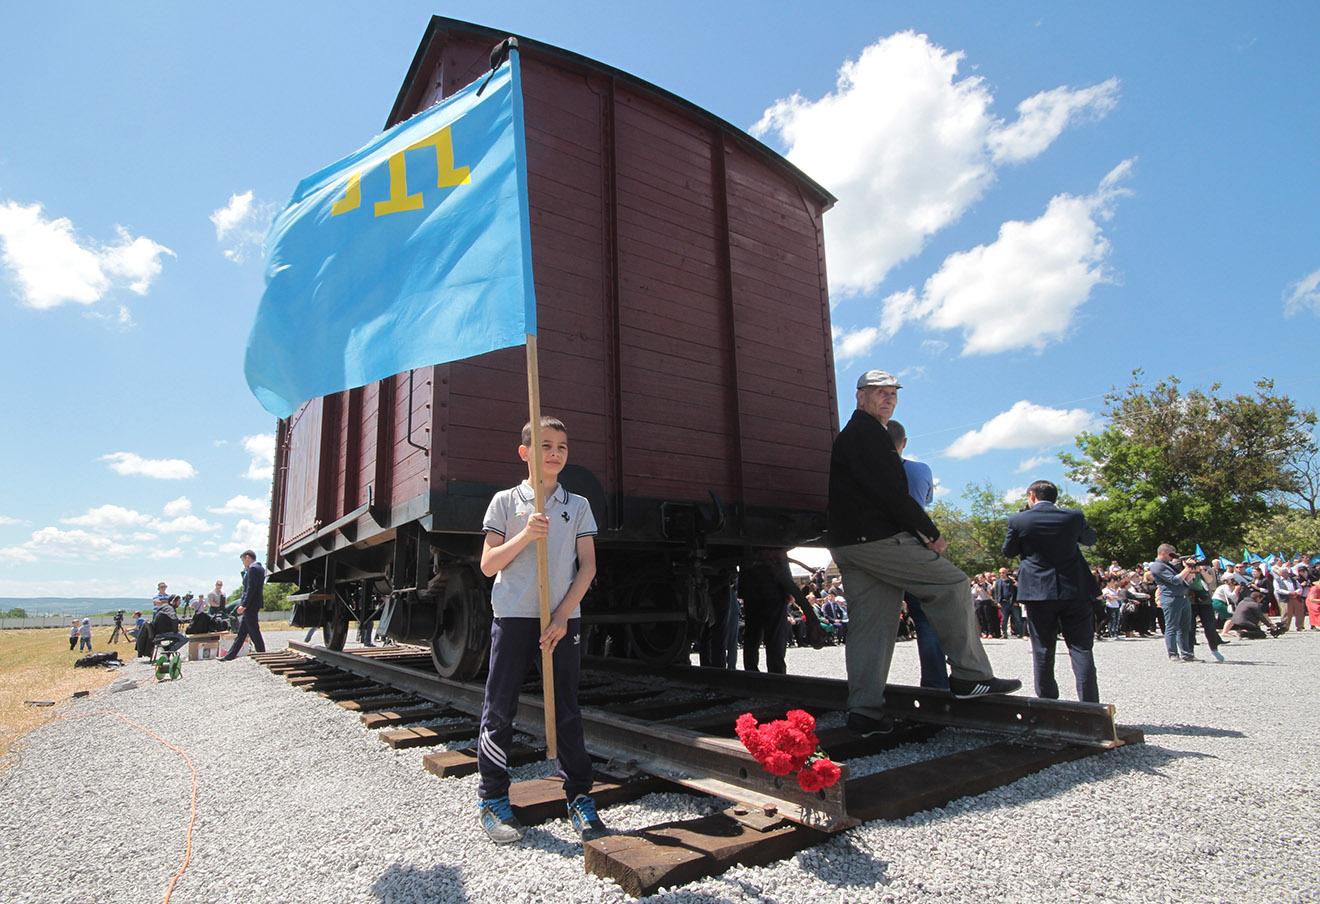 Открытие мемориала жертвам депортации в Крыму. Фото: Алексей Павлишак / ТАСС